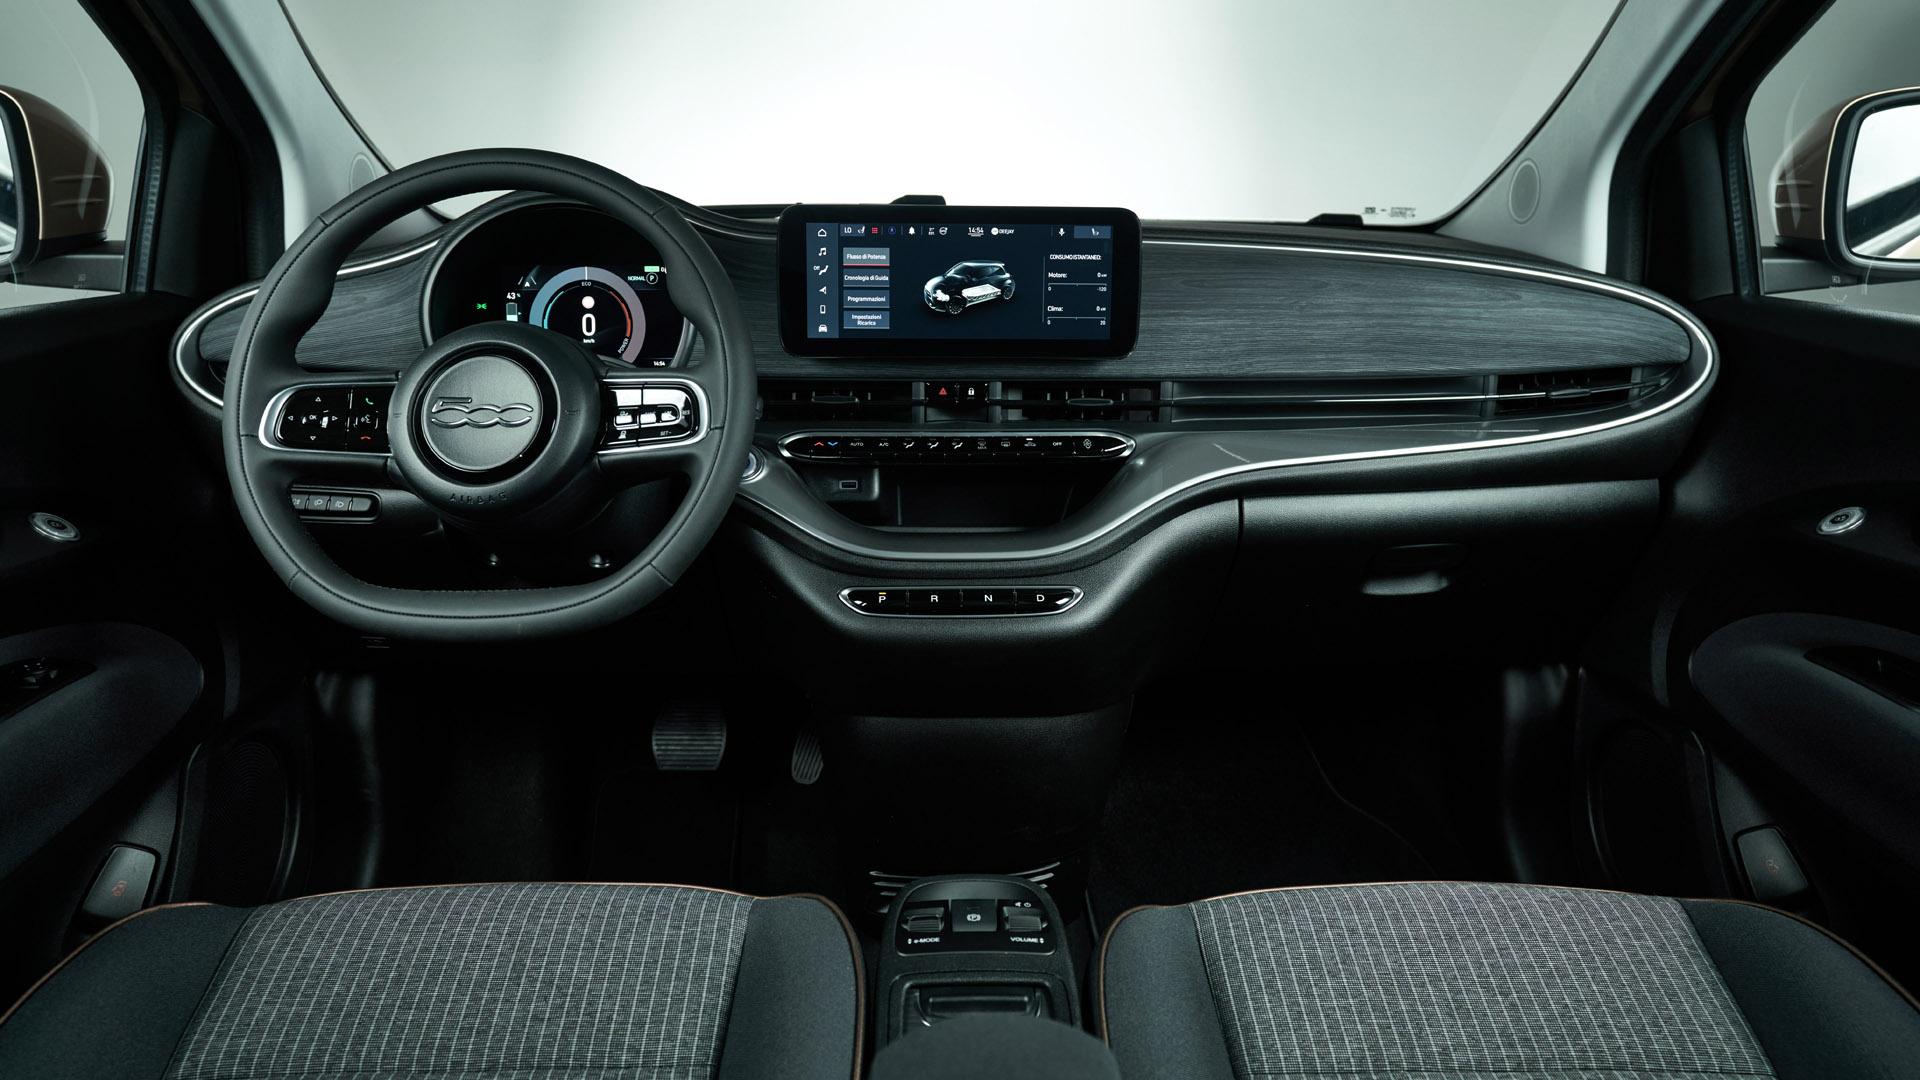 Fiat 500 Electric interior